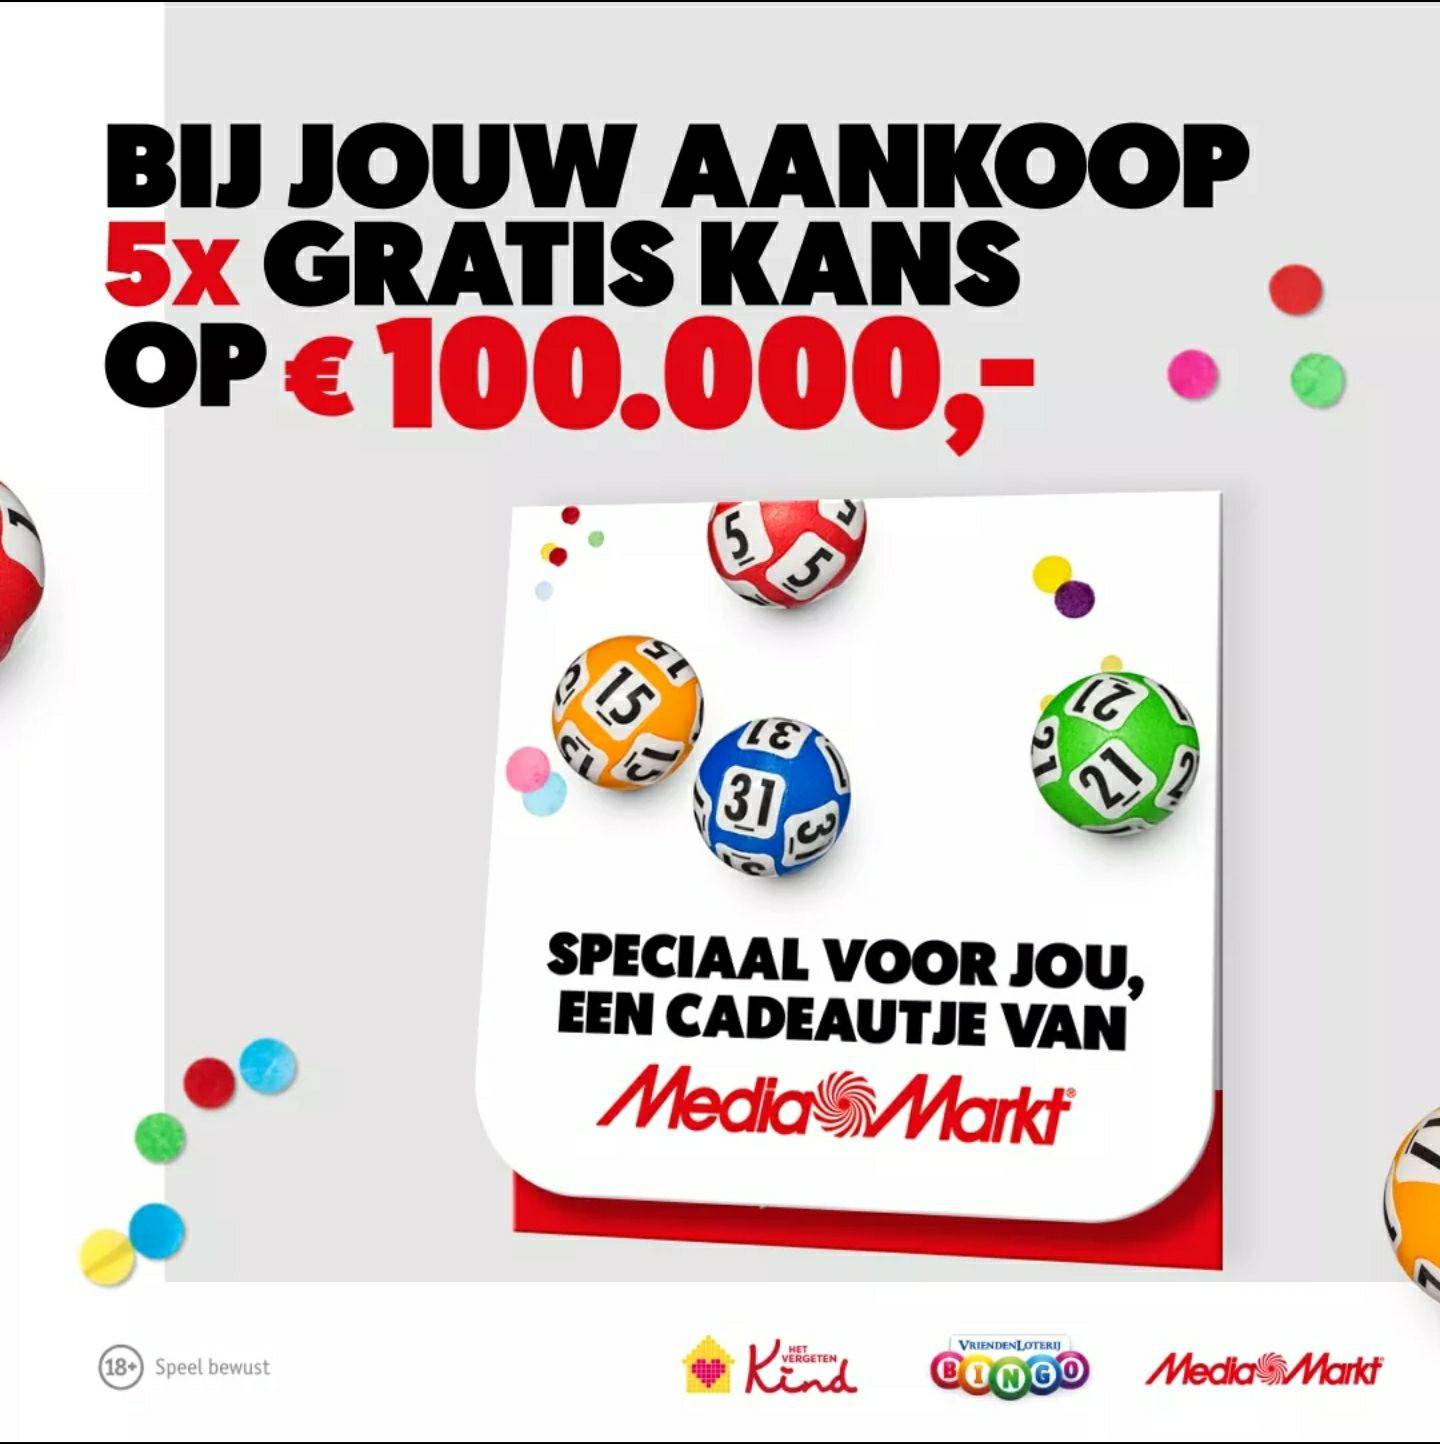 5 Gratis bingokaarten van de Vriendenloterij via de Mediamarkt